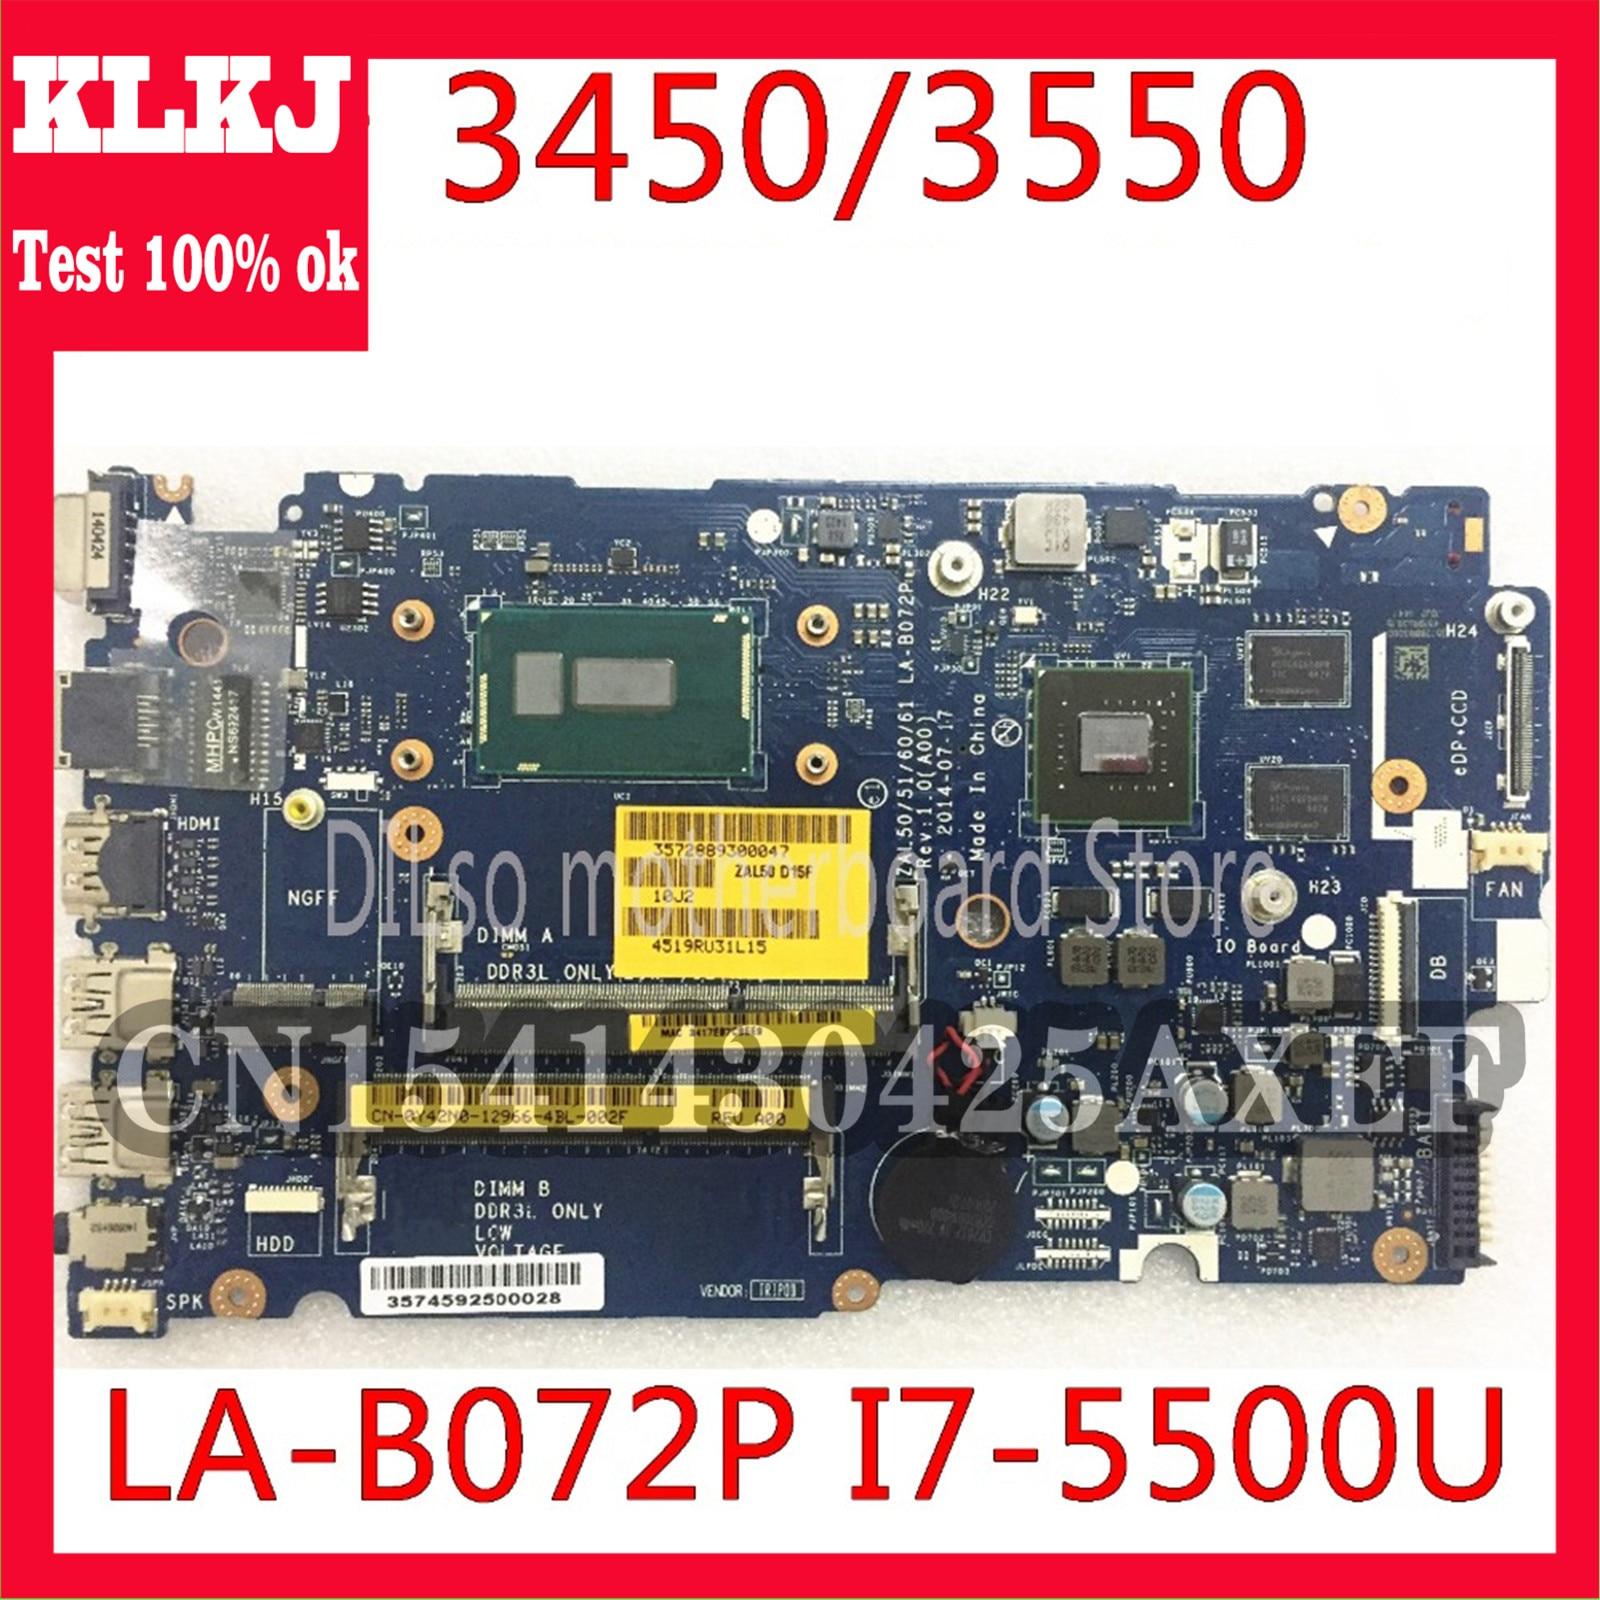 KLKJ LA-B072P CN-0YWW5F CN-01J67F لديل خط العرض 3450 3550 اللوحة ZAL50/51/60/61 LA-B072P i7-5500u اختبار العمل 100%